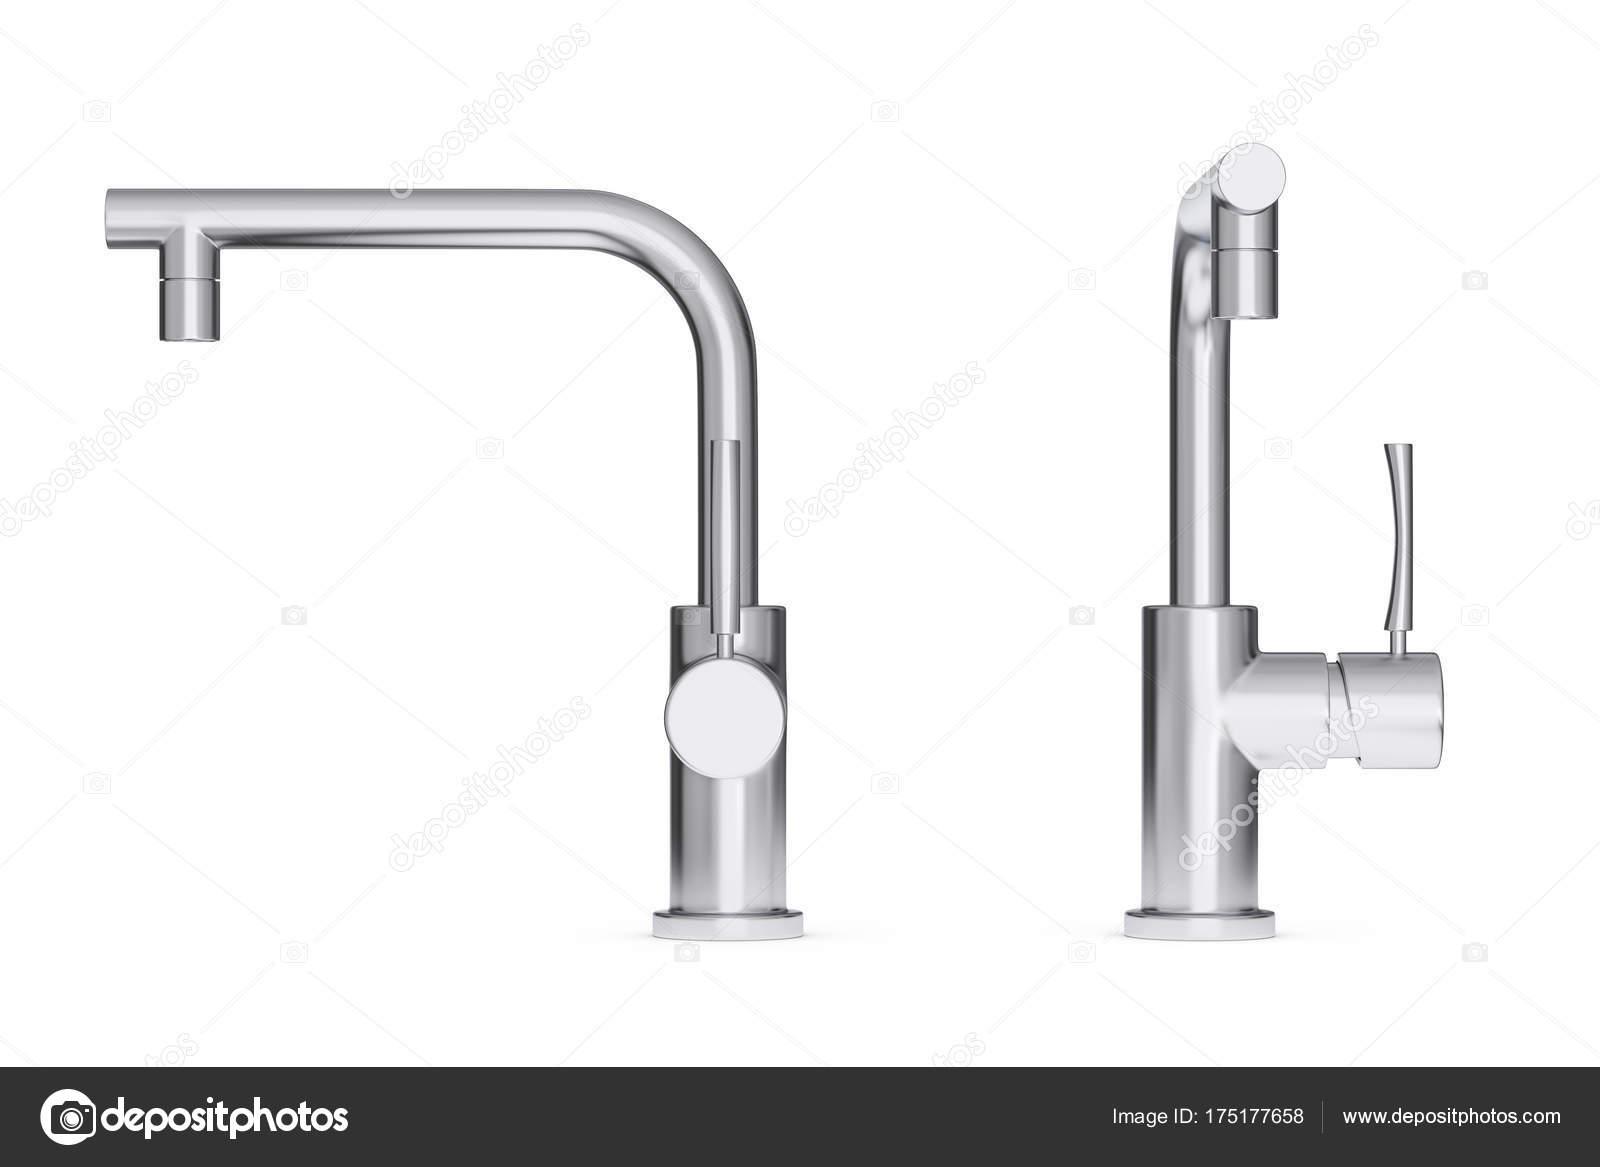 Moderni in acciaio inox cucina acqua rubinetto rubinetto. rendering